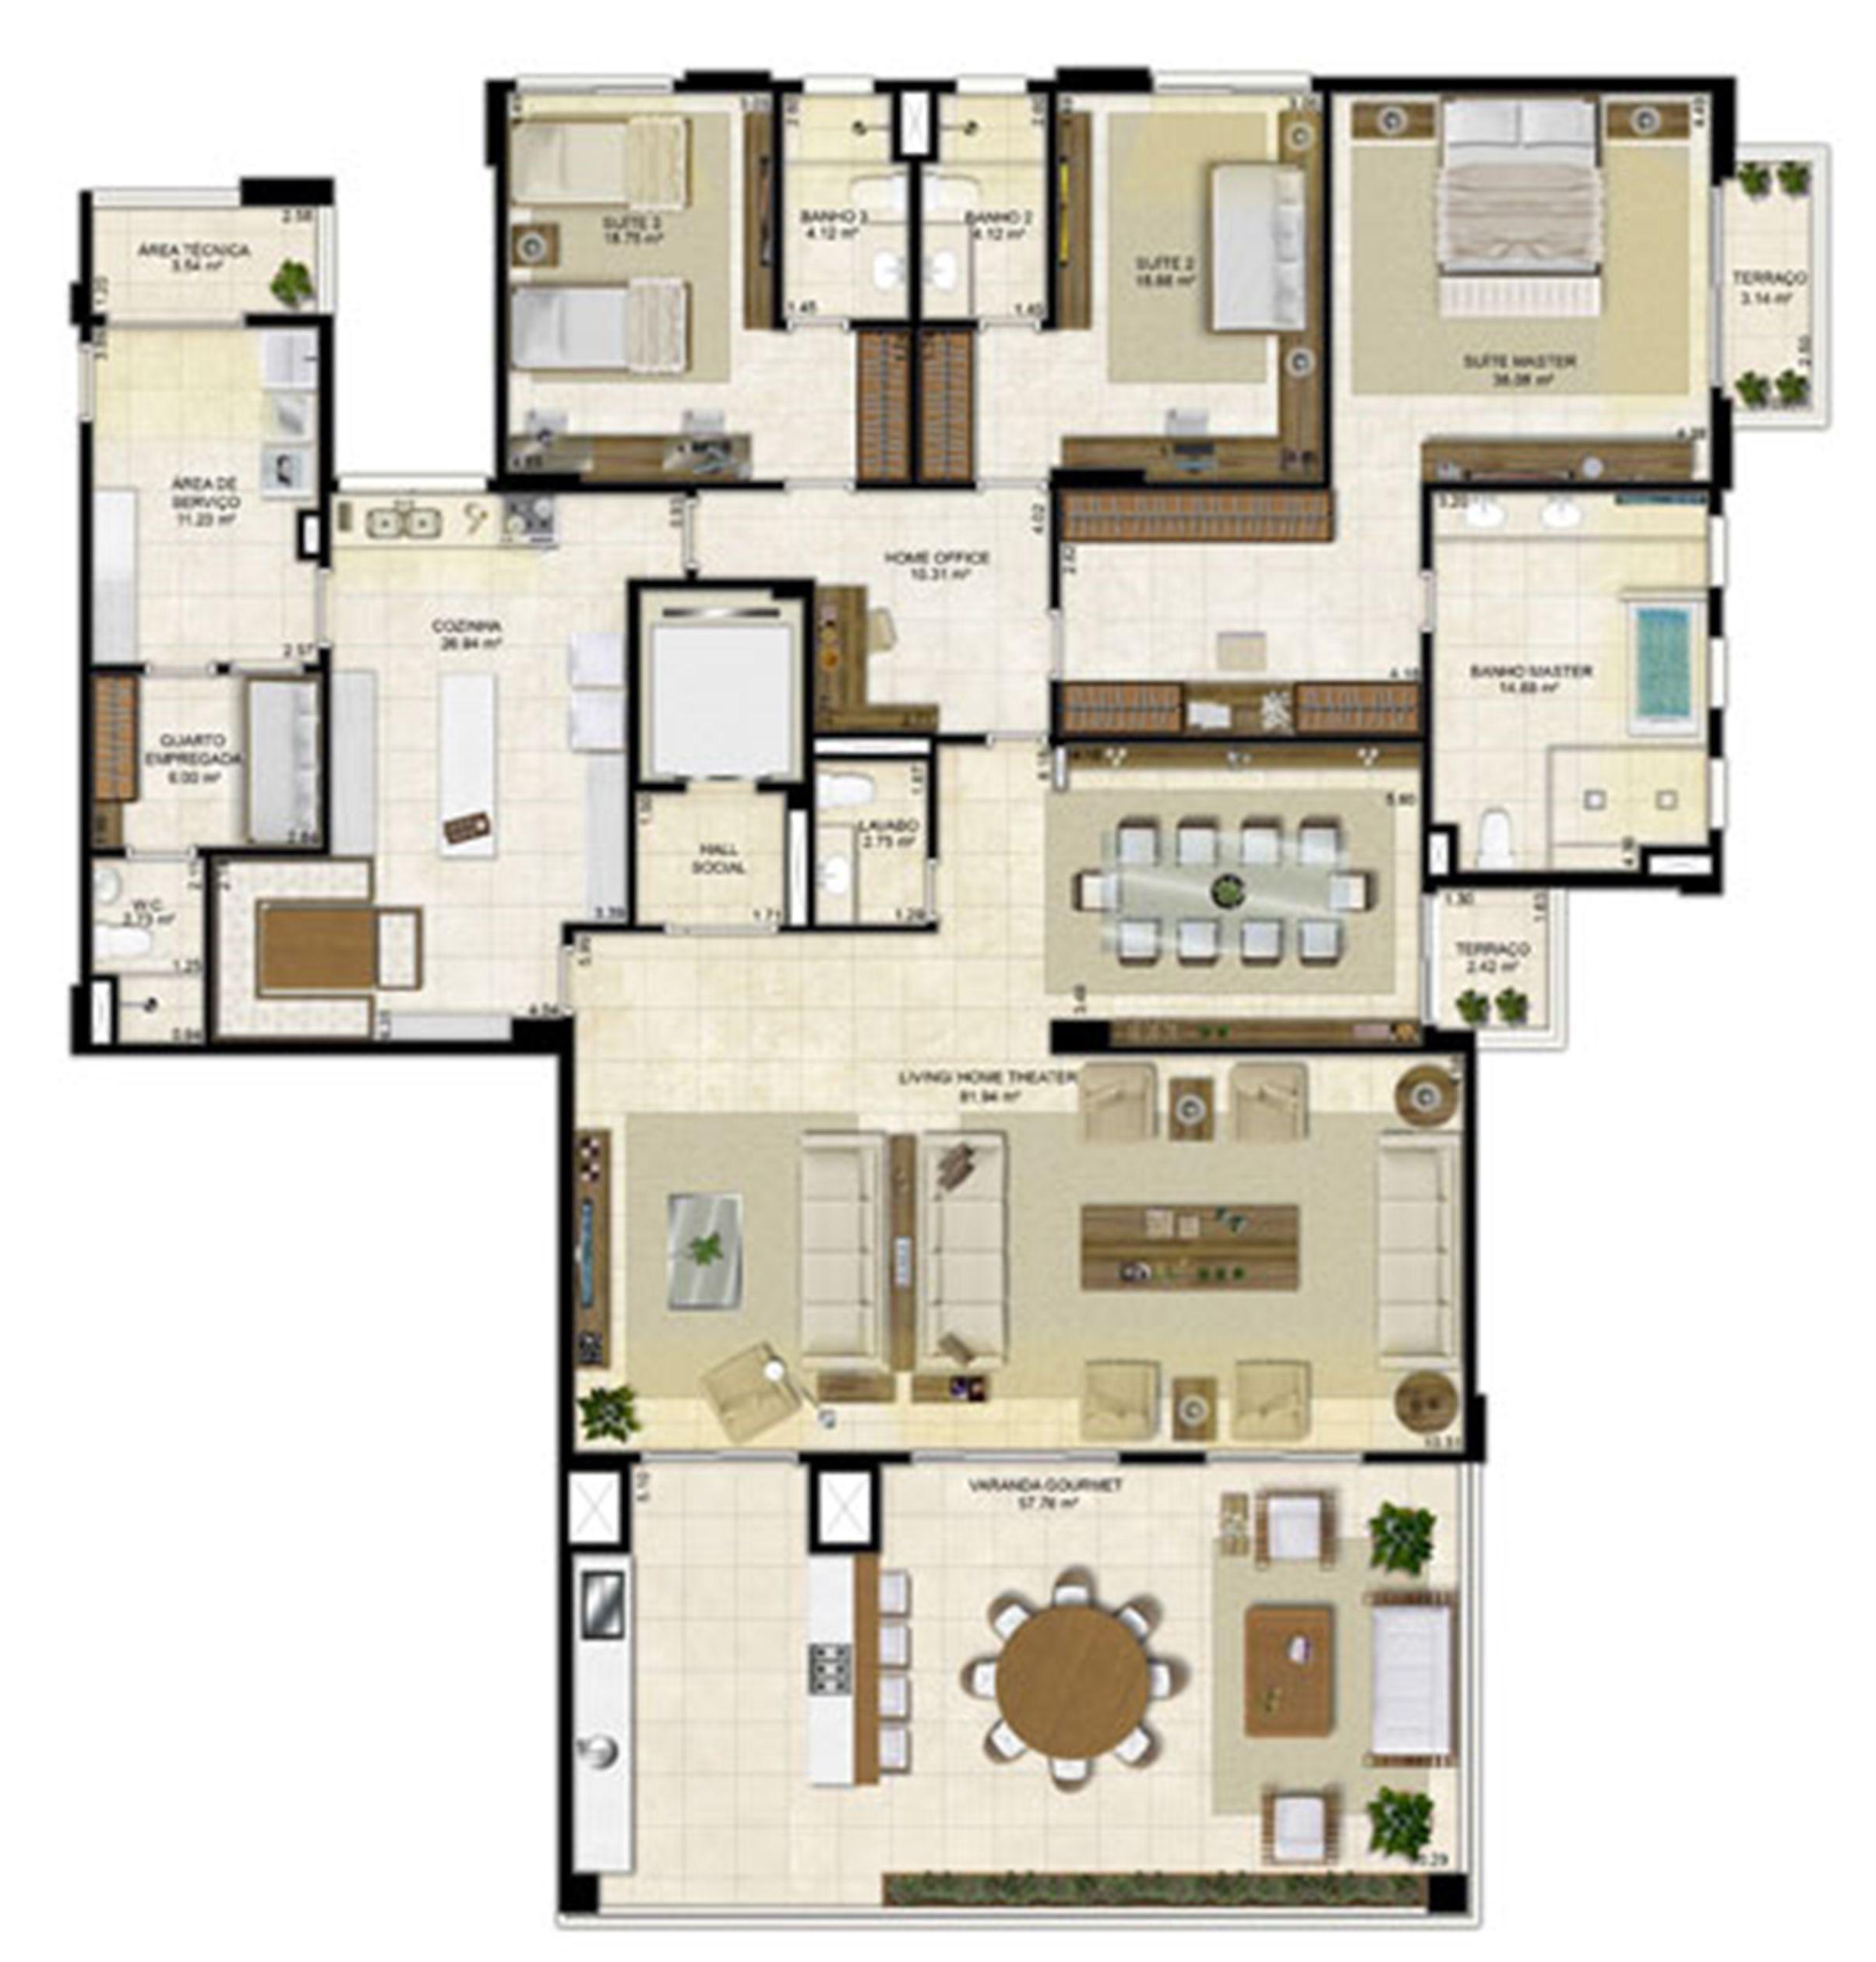 Planta ampliada 305 m² - Cozinha Ampliada e Sala de Jantar reservada – Pavimentos Pares | Île Saint Louis  – Apartamento na  Ponta D'areia - São Luís - Maranhão